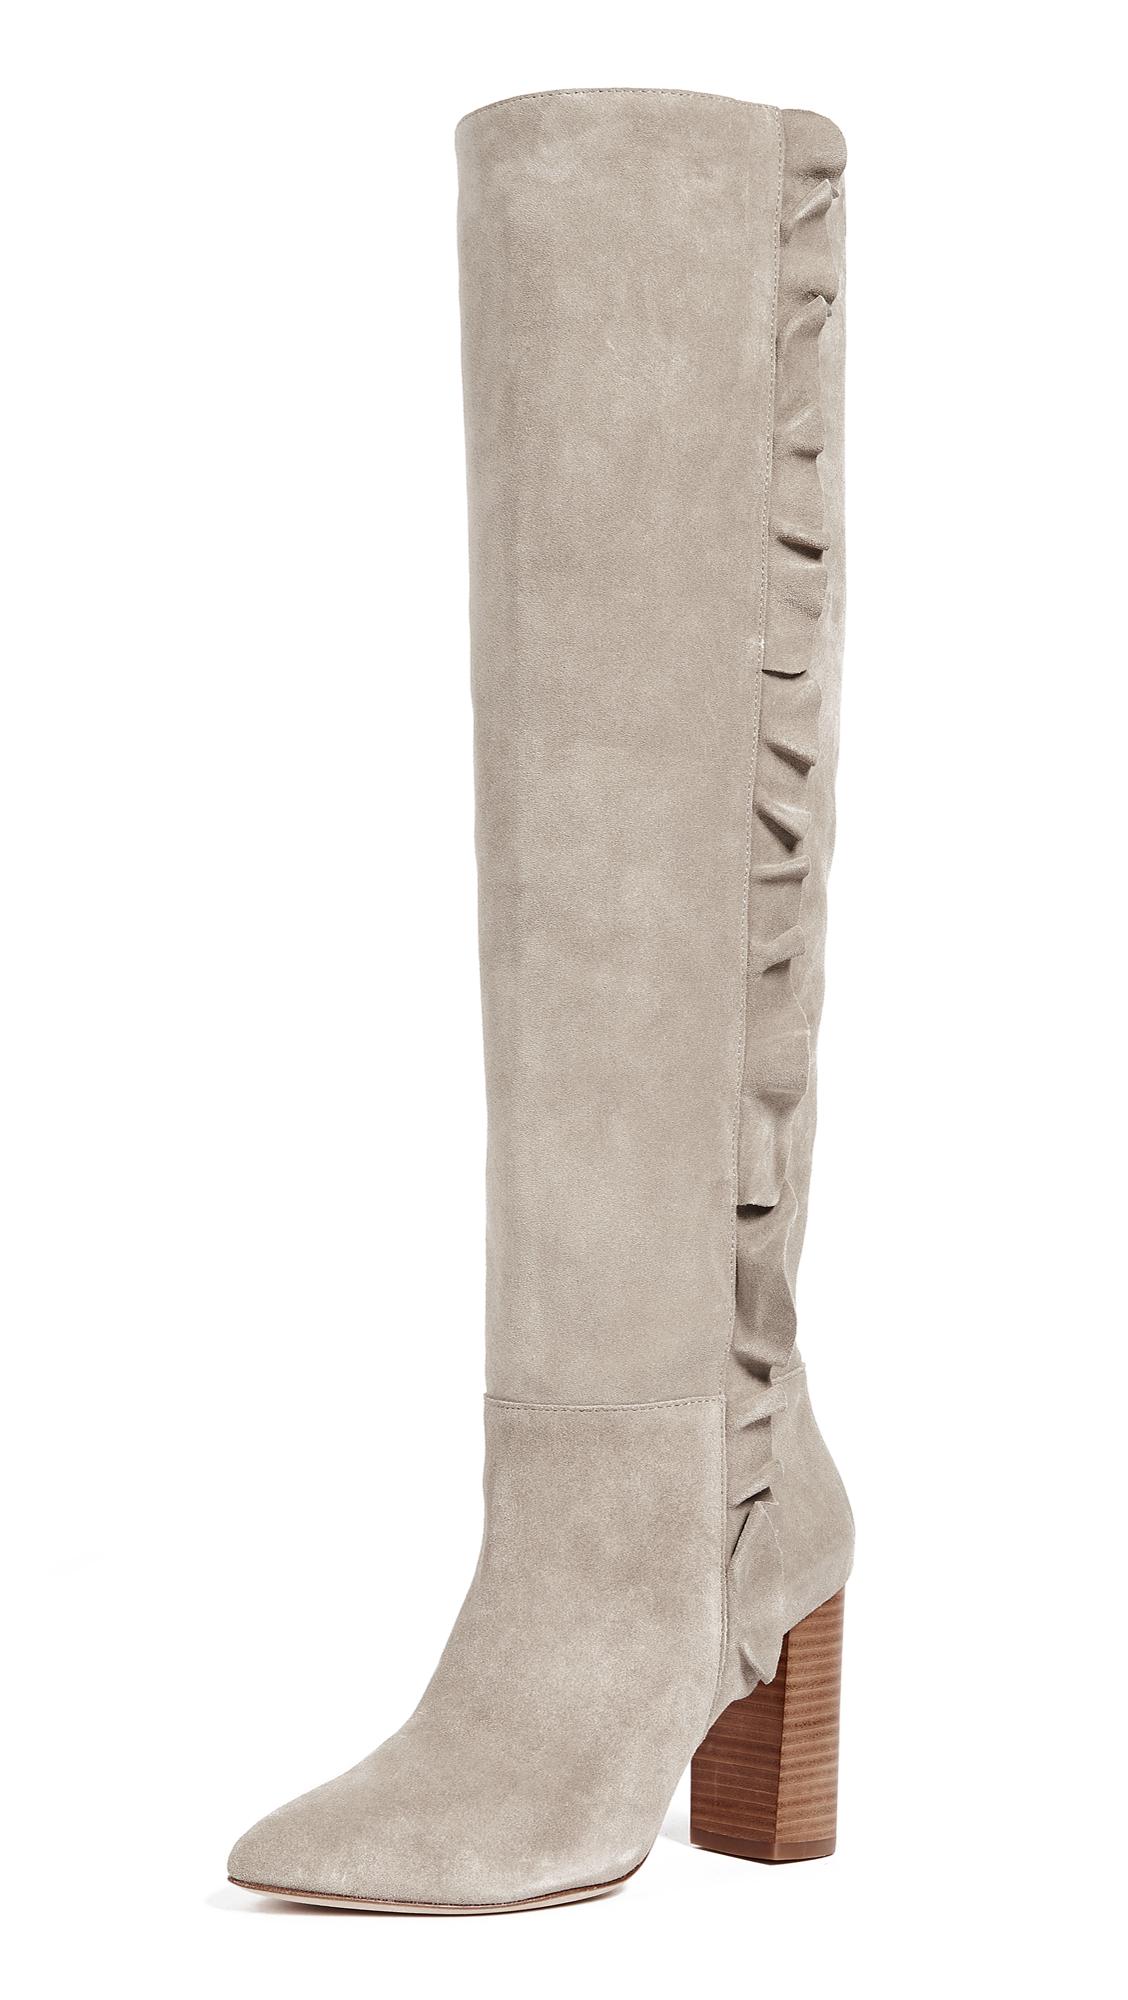 Joie Laisha Boots - Pale Grey